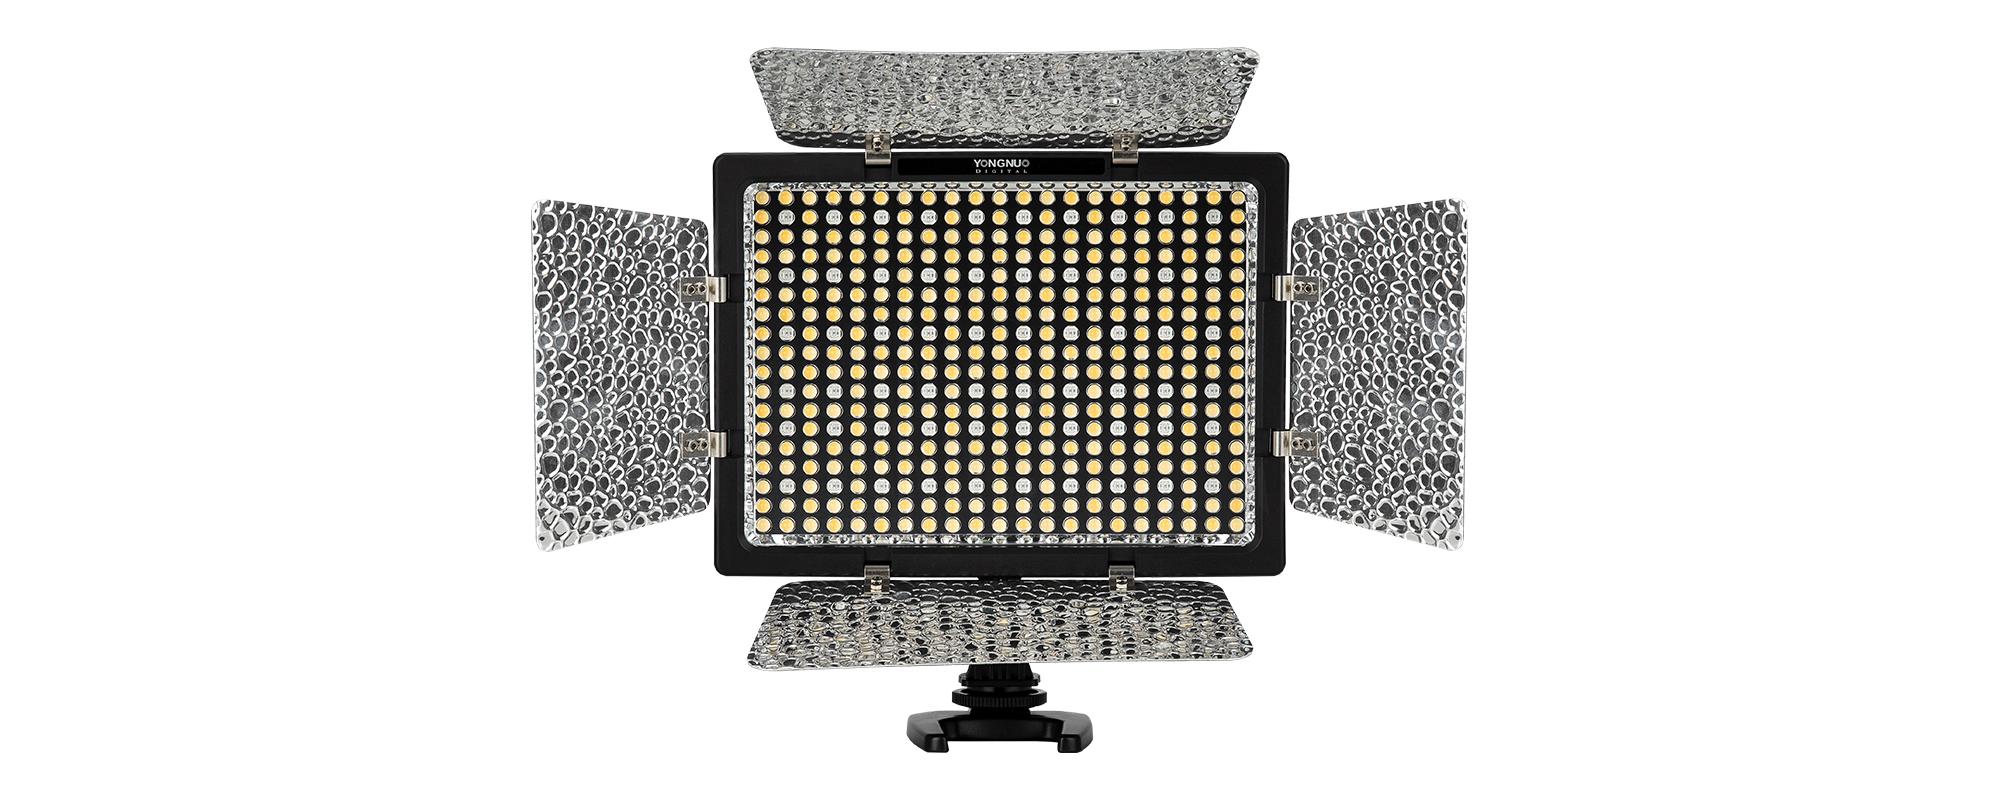 Lampa LED Yongnuo YN300 IV - RGB, WB (3200 K - 5600 K)